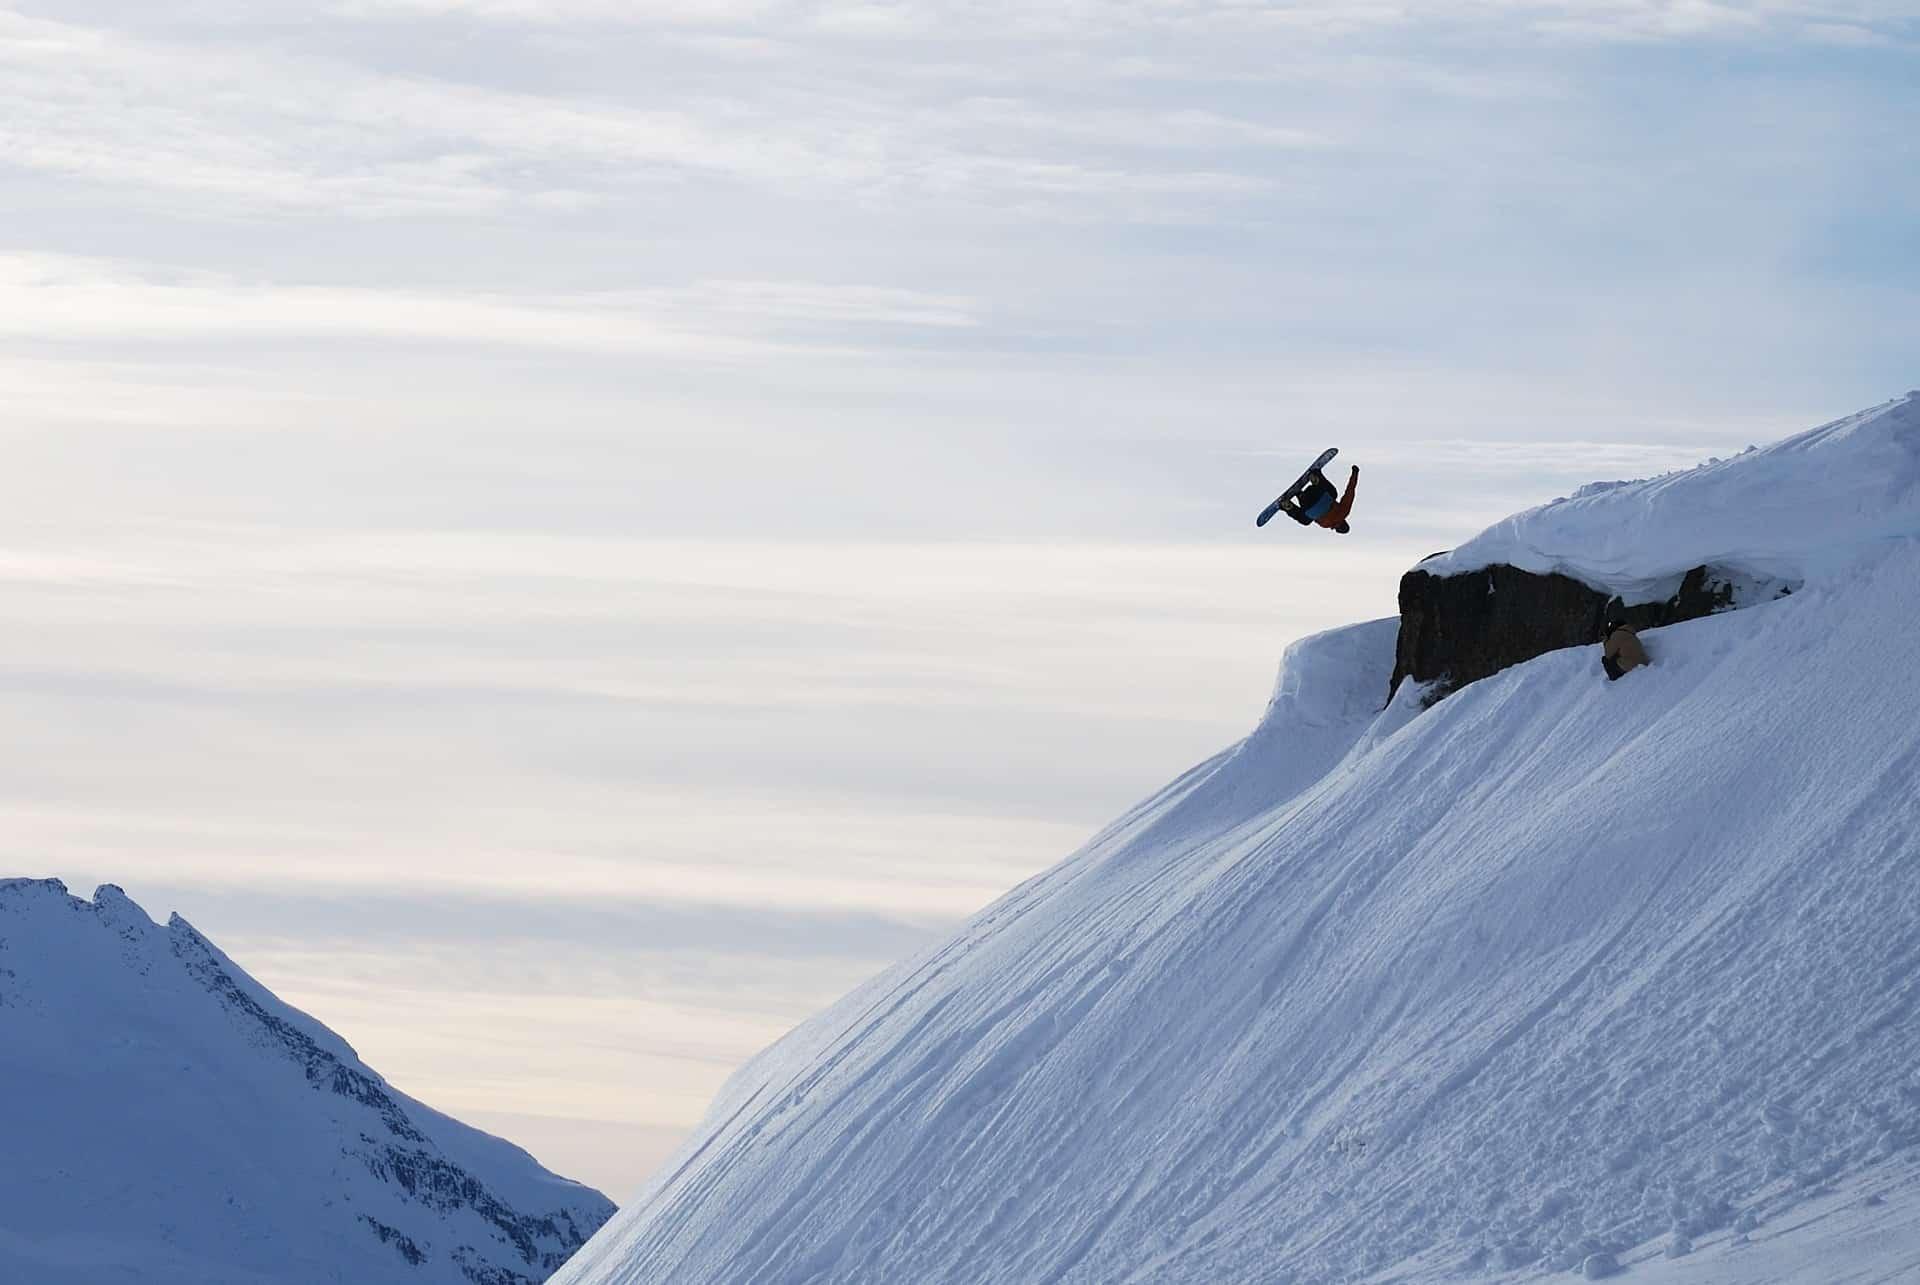 snowboard, extreme sports, skiing, mountain, snow